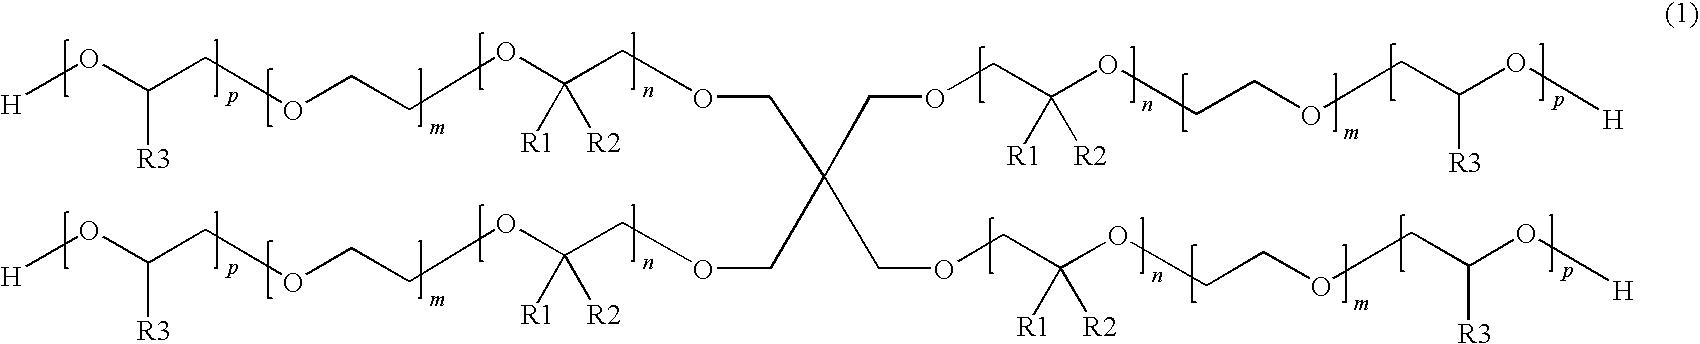 Figure US20090095202A1-20090416-C00001